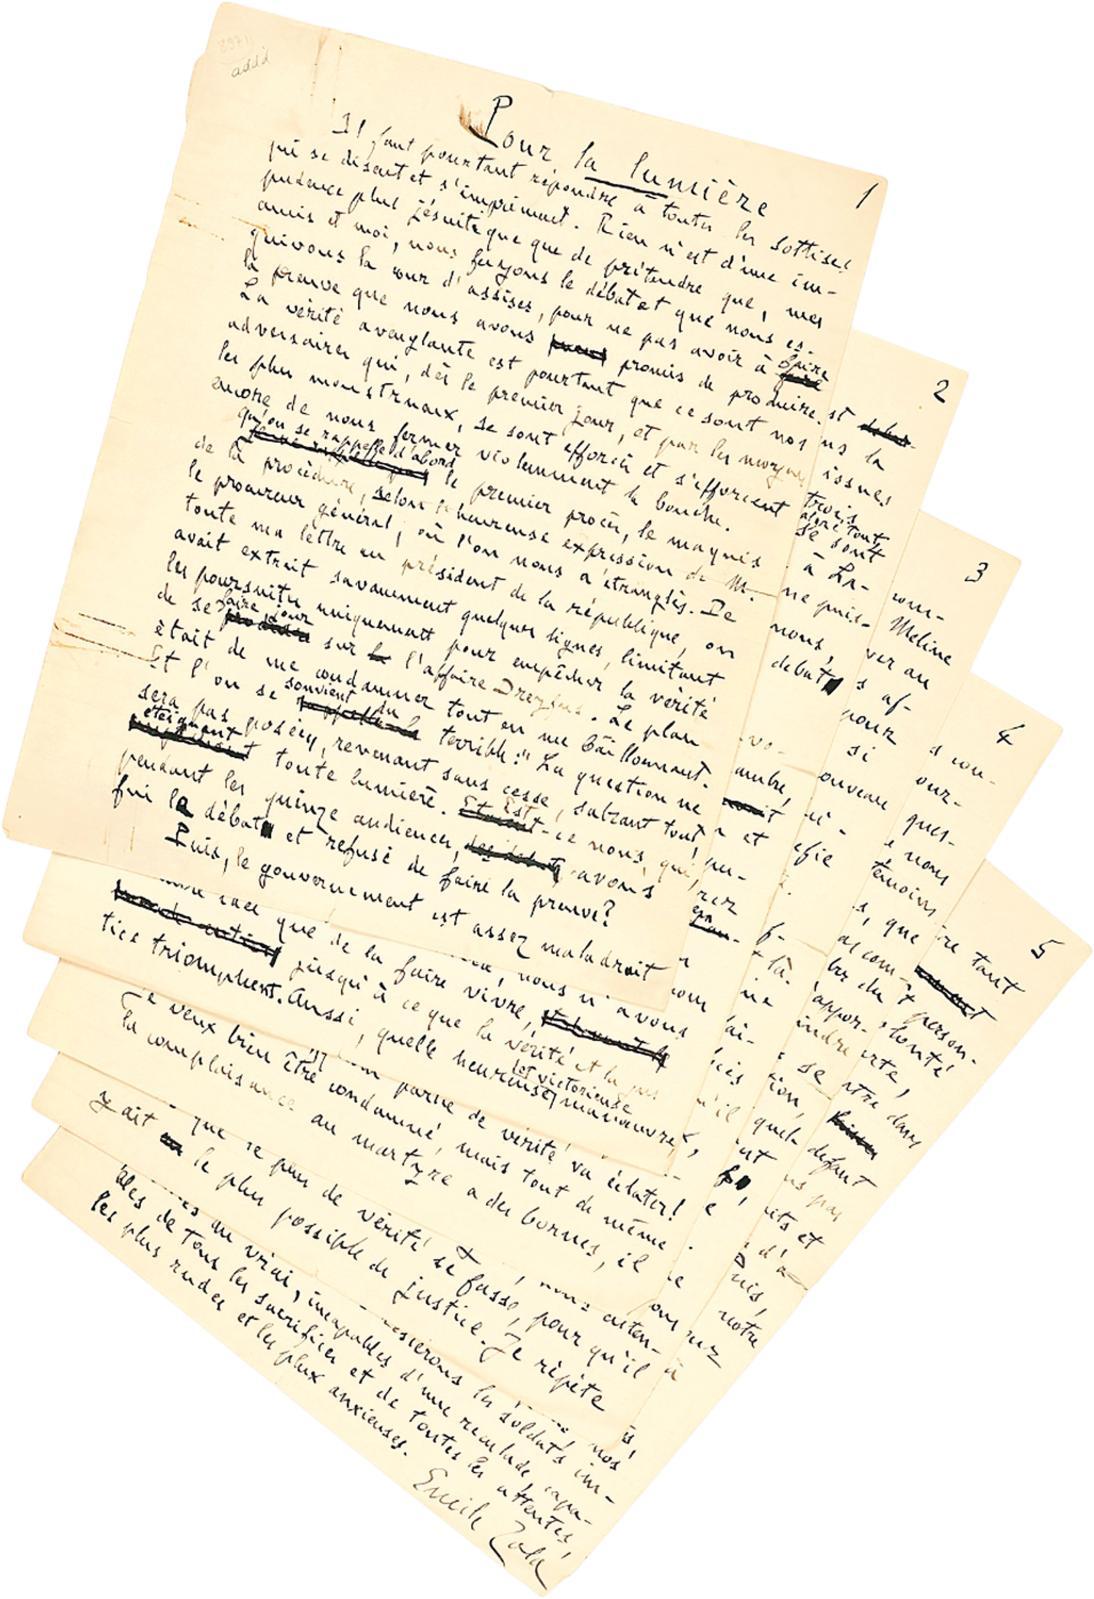 Émile Zola (1840-1902), Pour la lumière, 19 juillet 1898, Londres, manuscrit autographe signé de cinq pages (Le Manuscrit français).